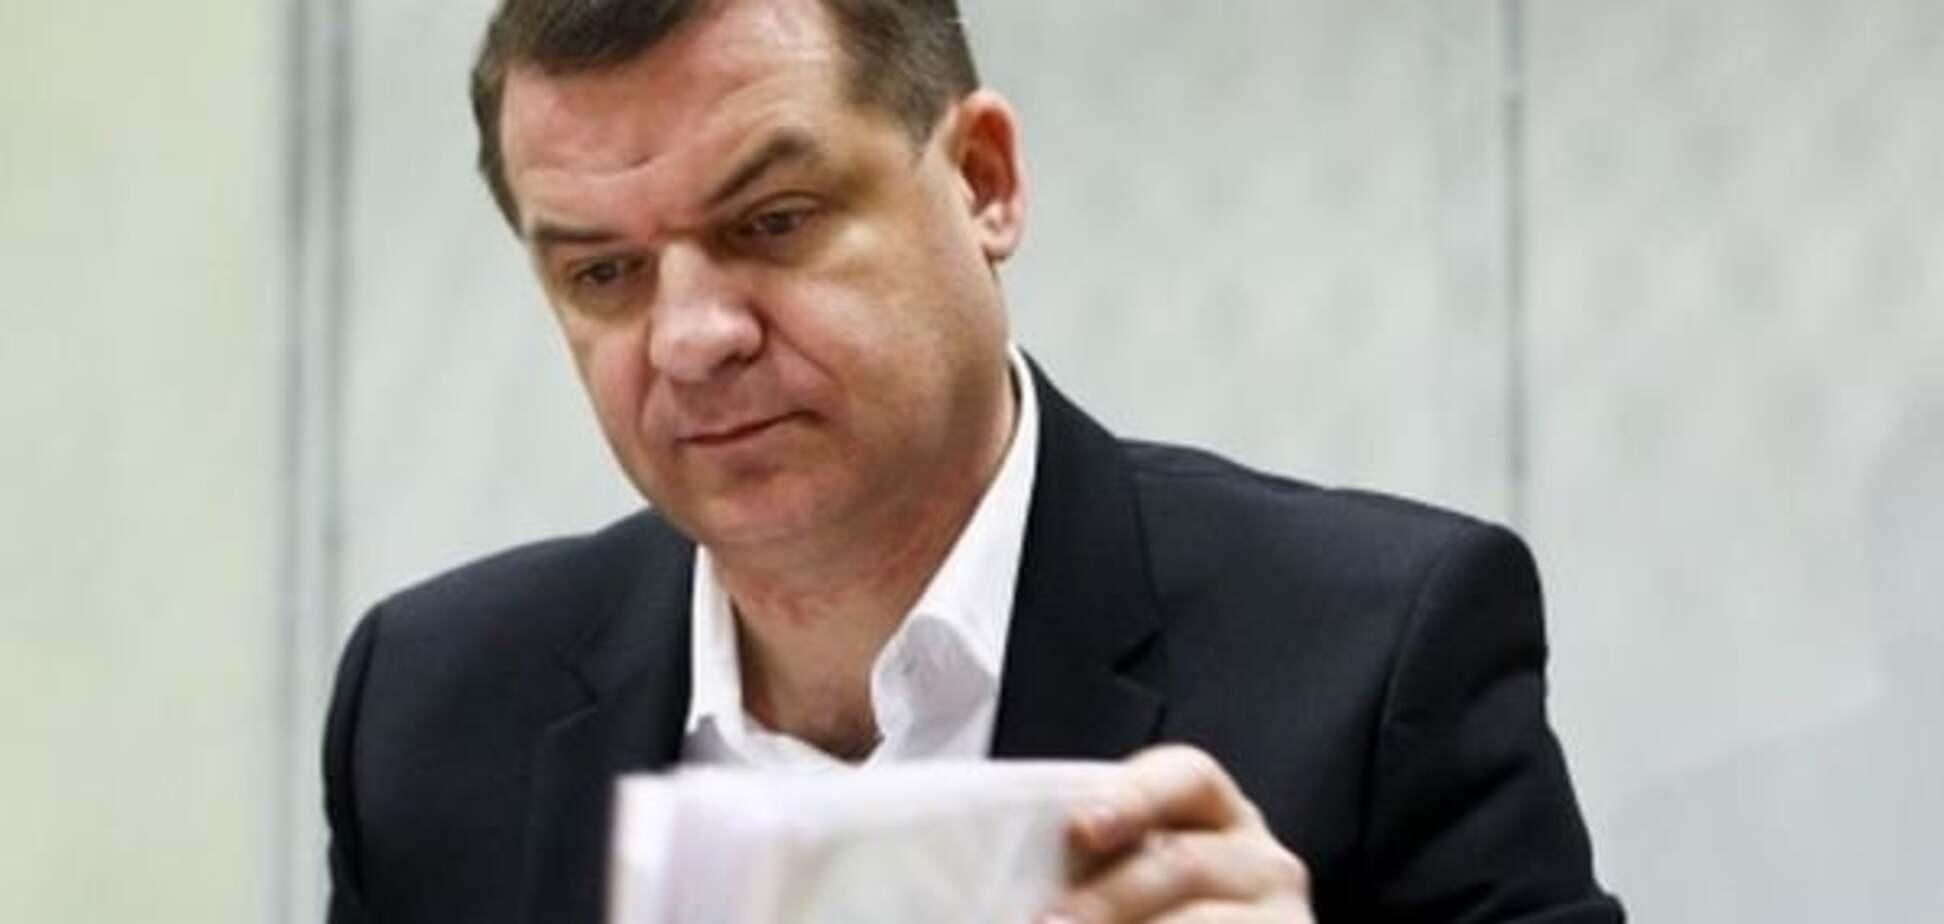 'Діамантовий прокурор' Корнієць заявив, що його побили